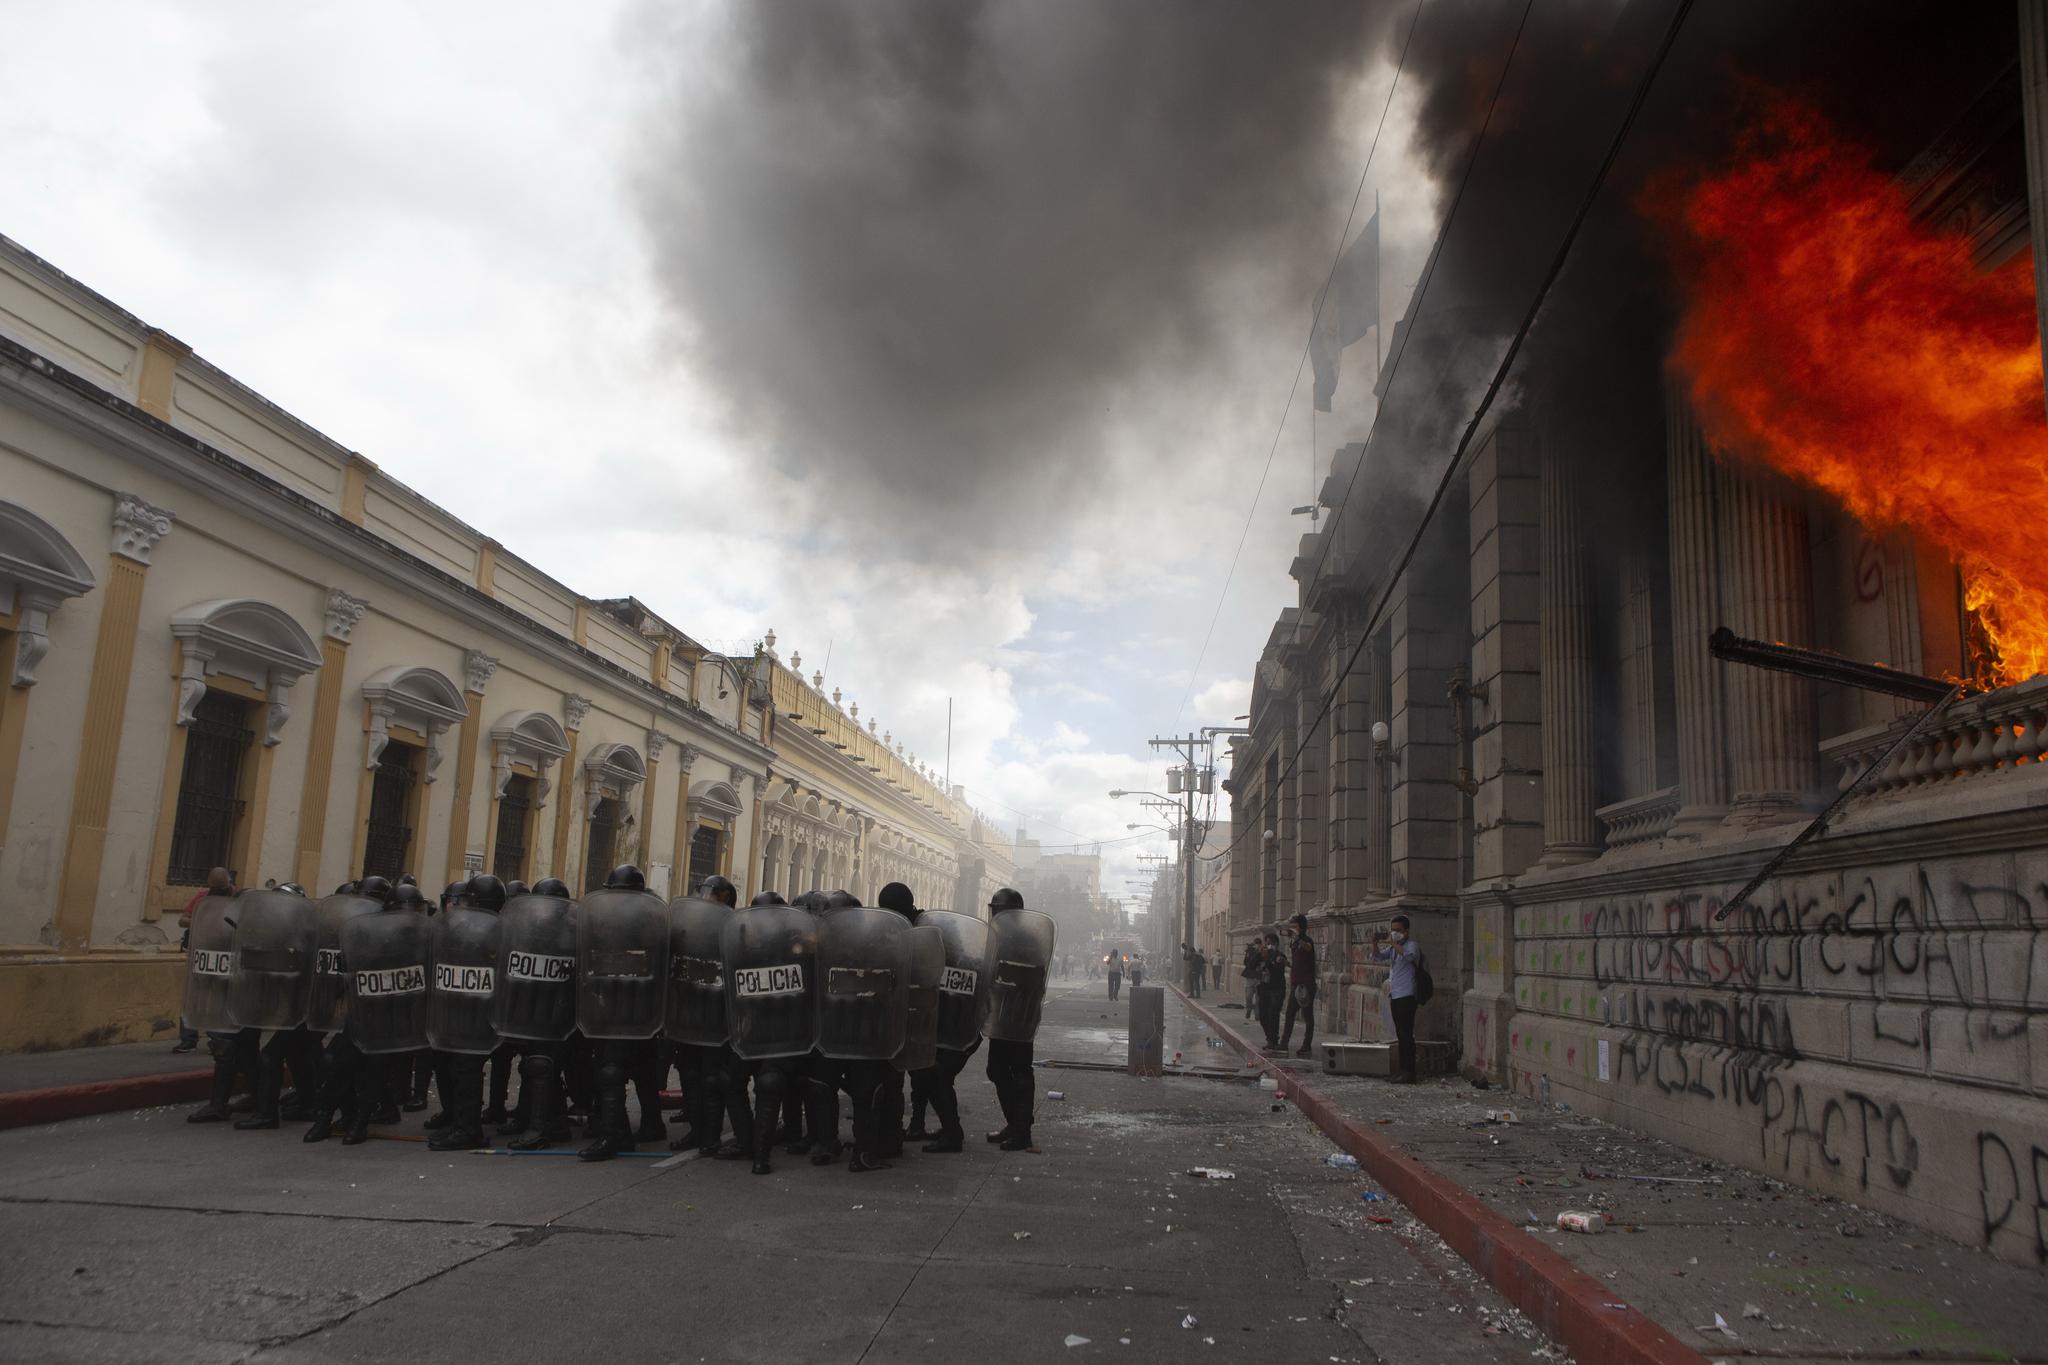 화재가 발생한 의사당 건물에서 불길이 치 솟고있다. AP 통신